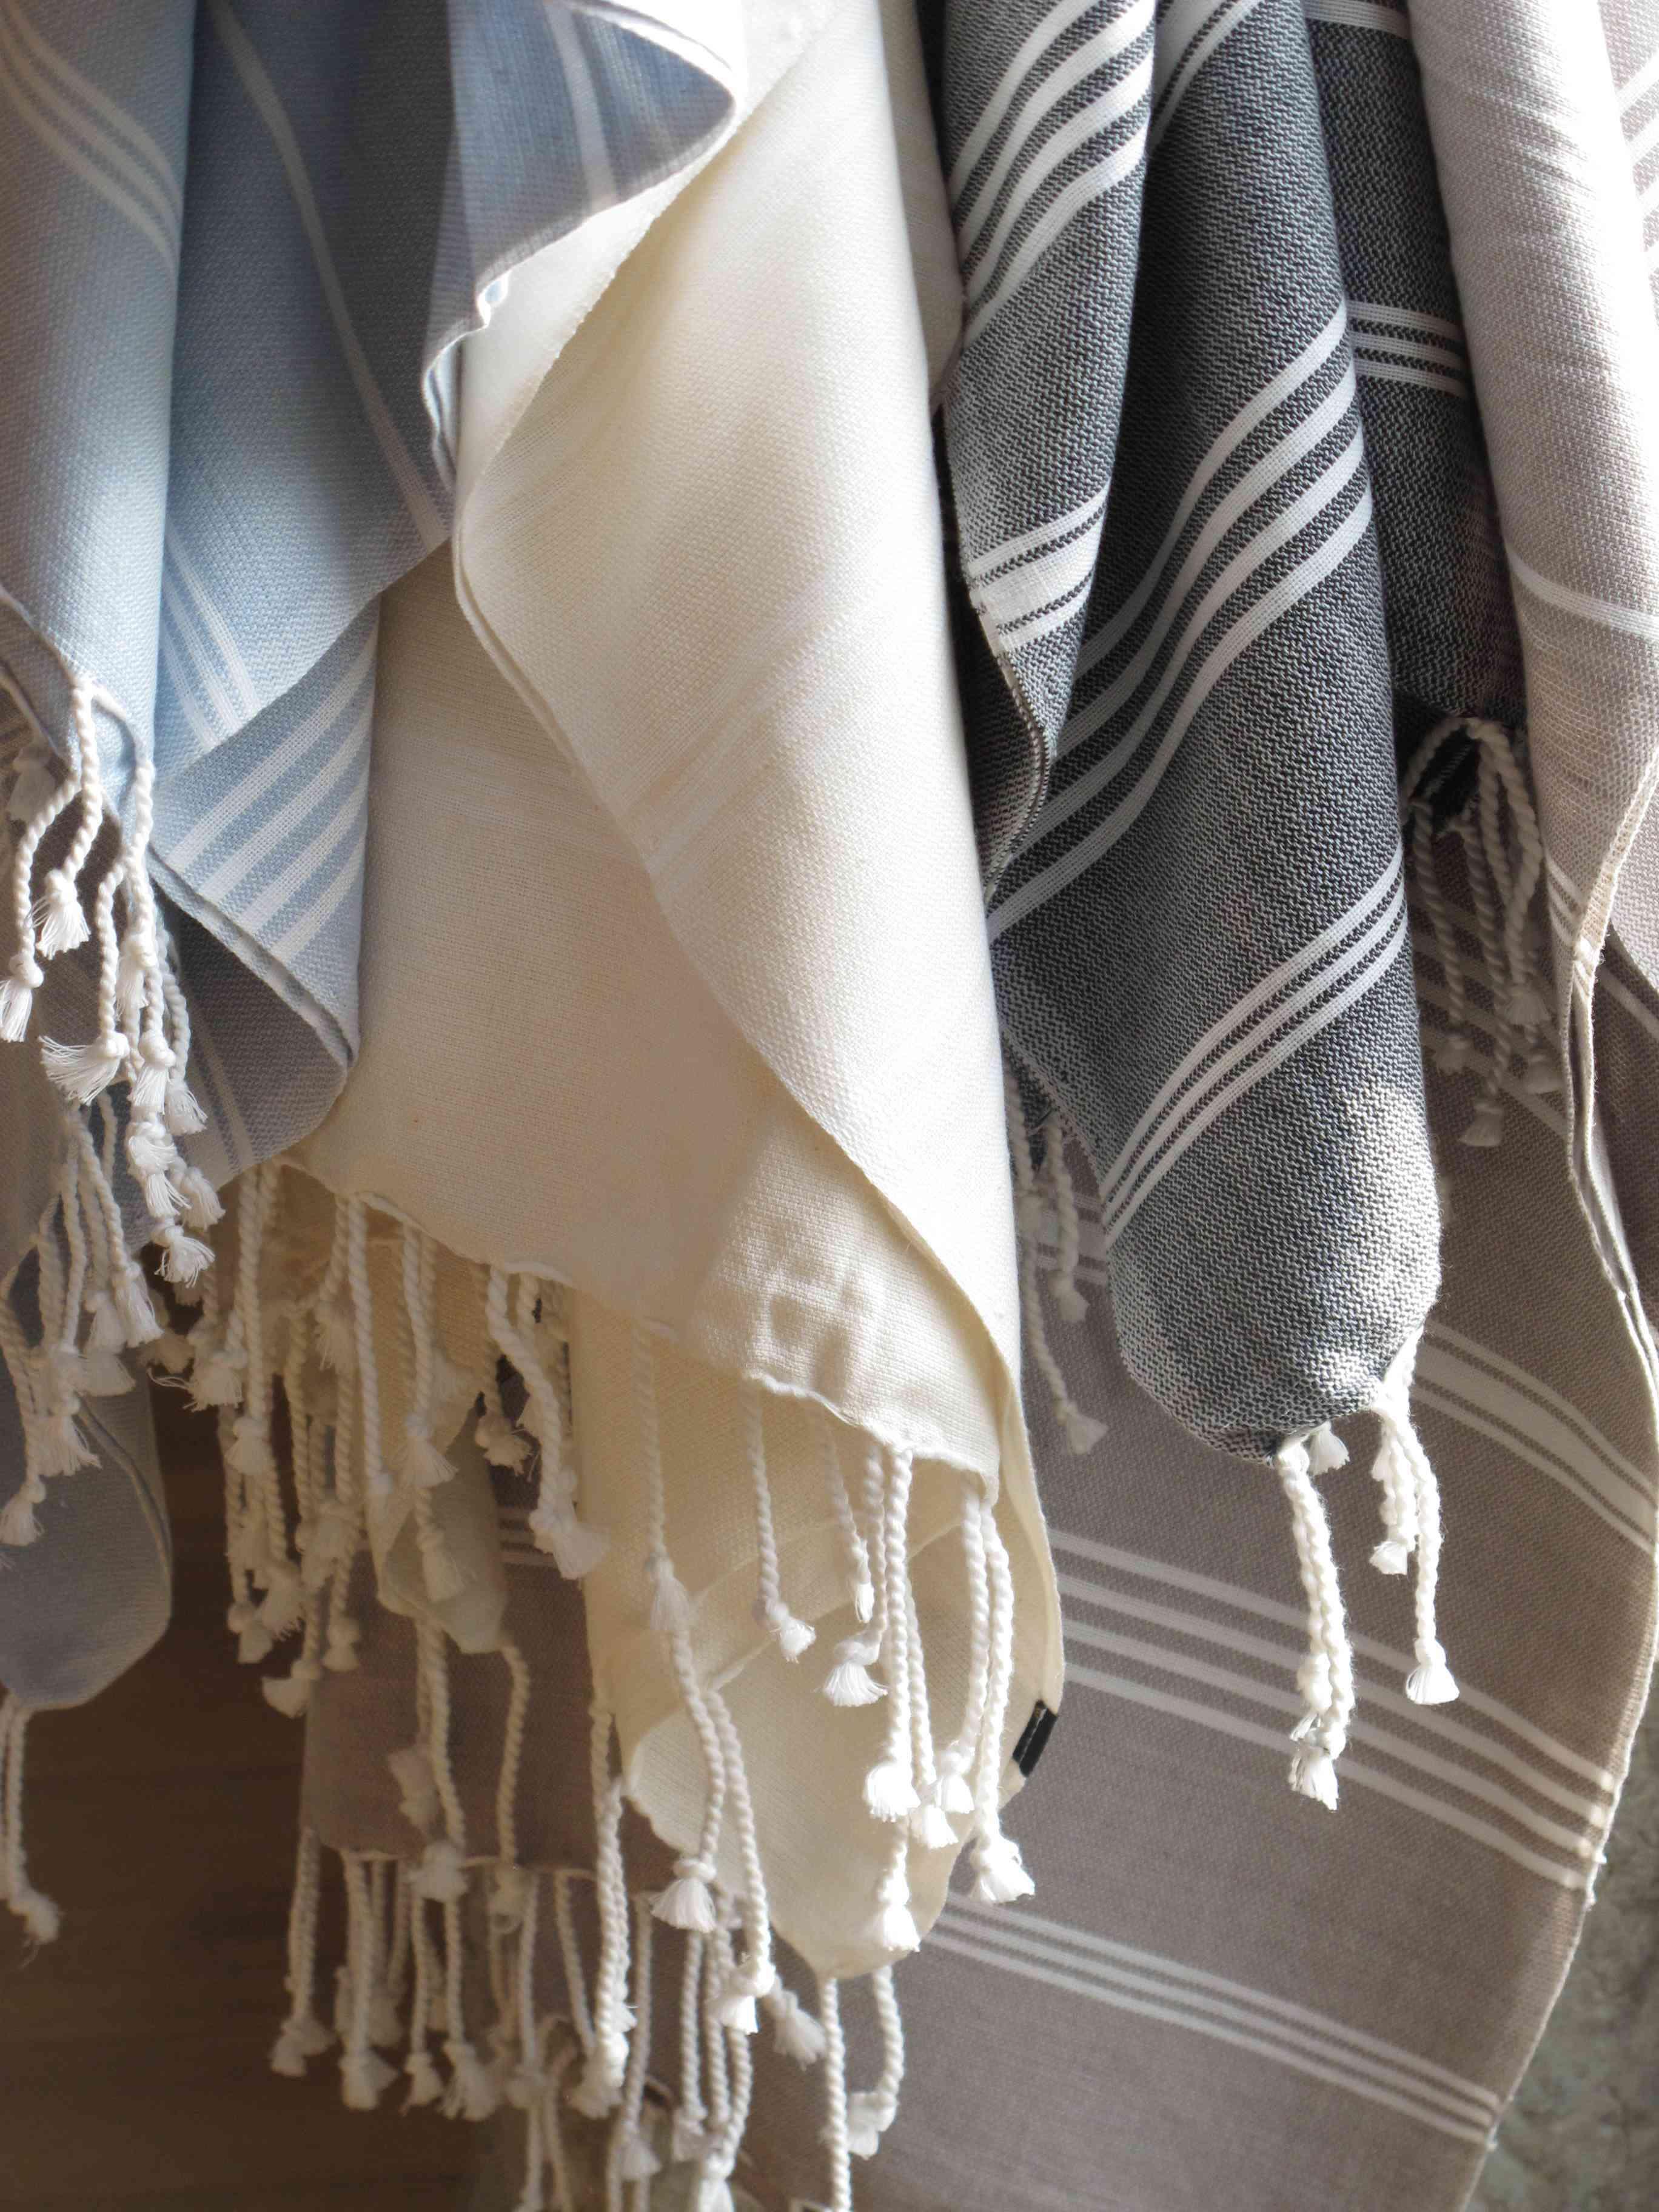 『法國原裝』獨家代理 - 100% Coton Organic  有機綿 (超吸水)歐洲經典 橘色條紋大浴巾 Foutas  1